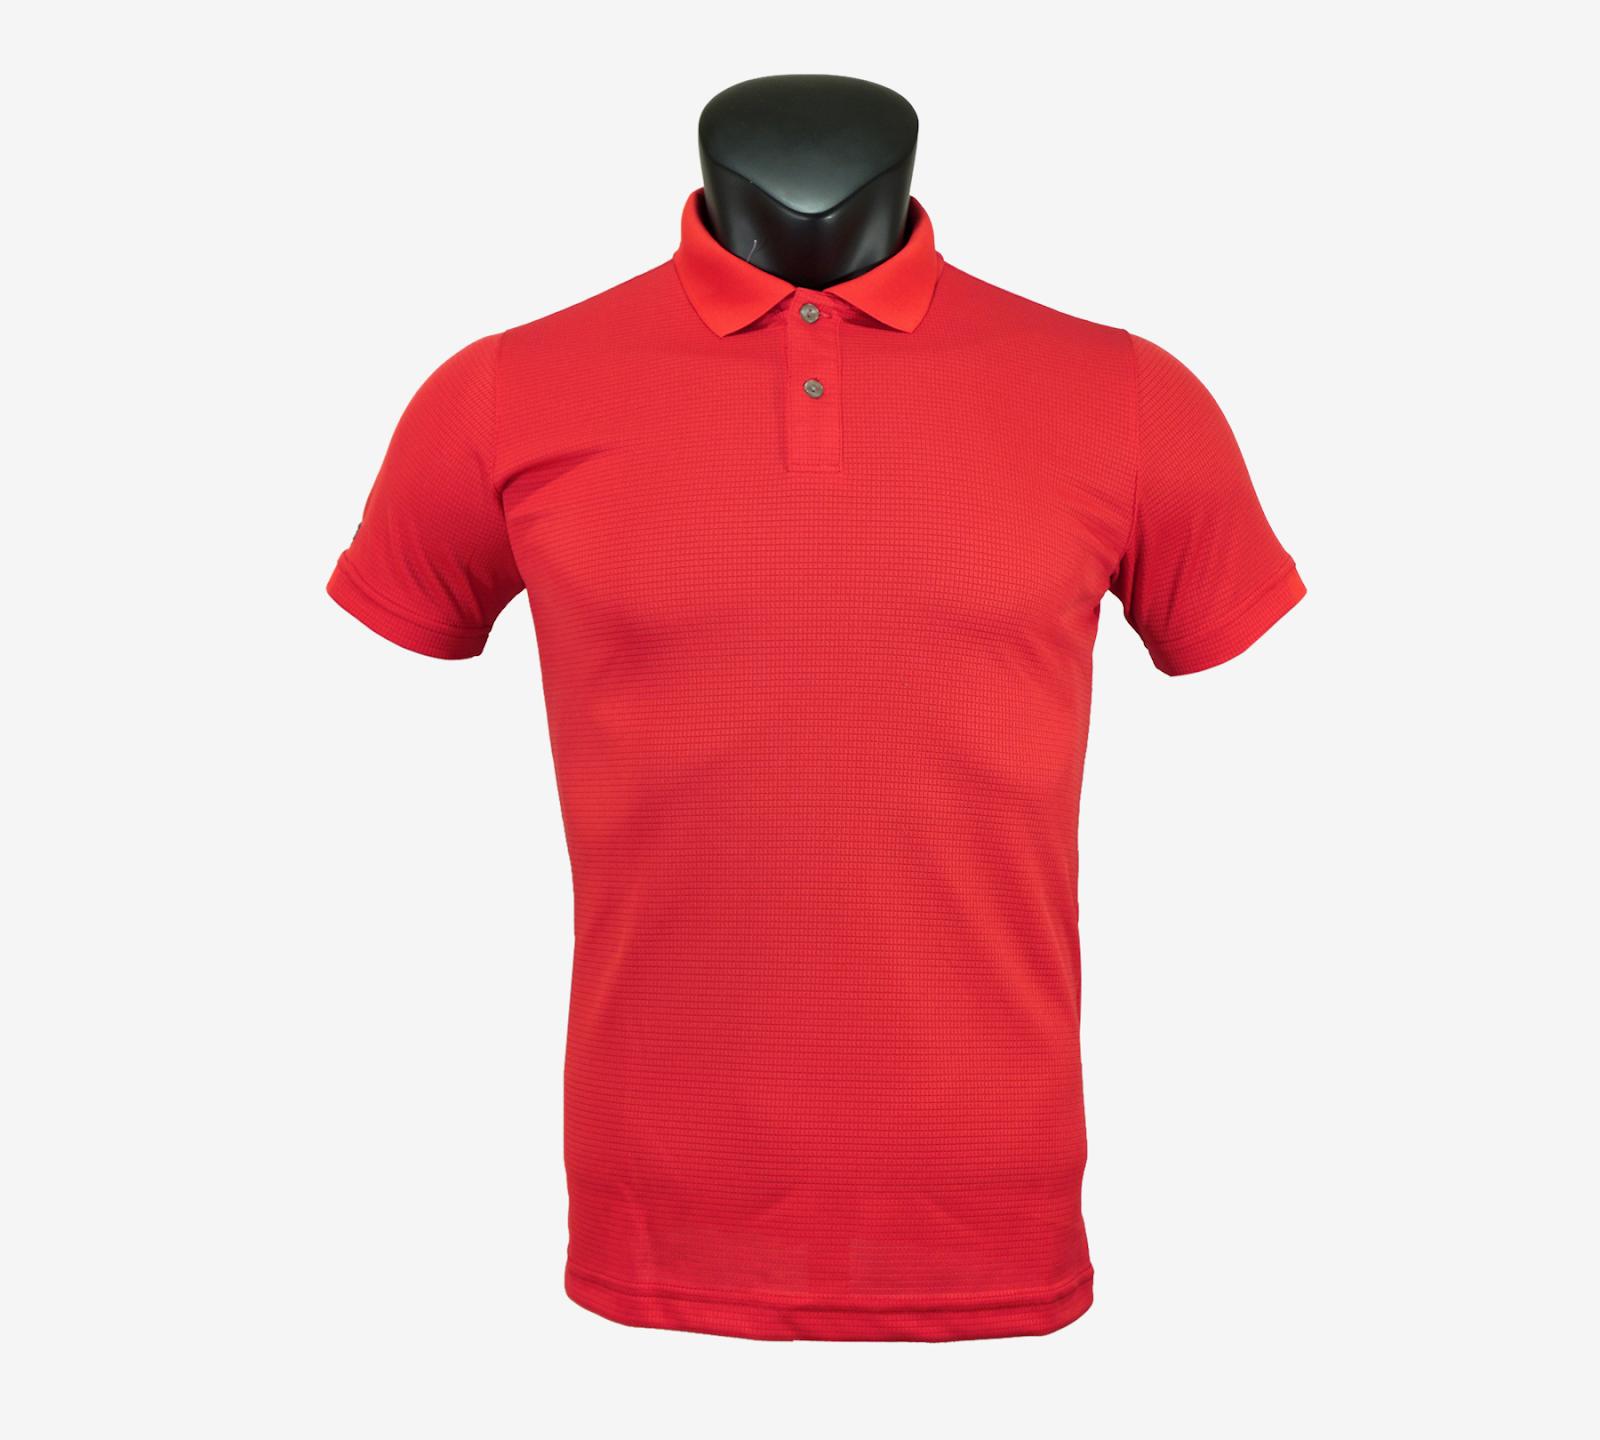 ÁO T-SHIRTS PORSCHE ADIDAS IN RED